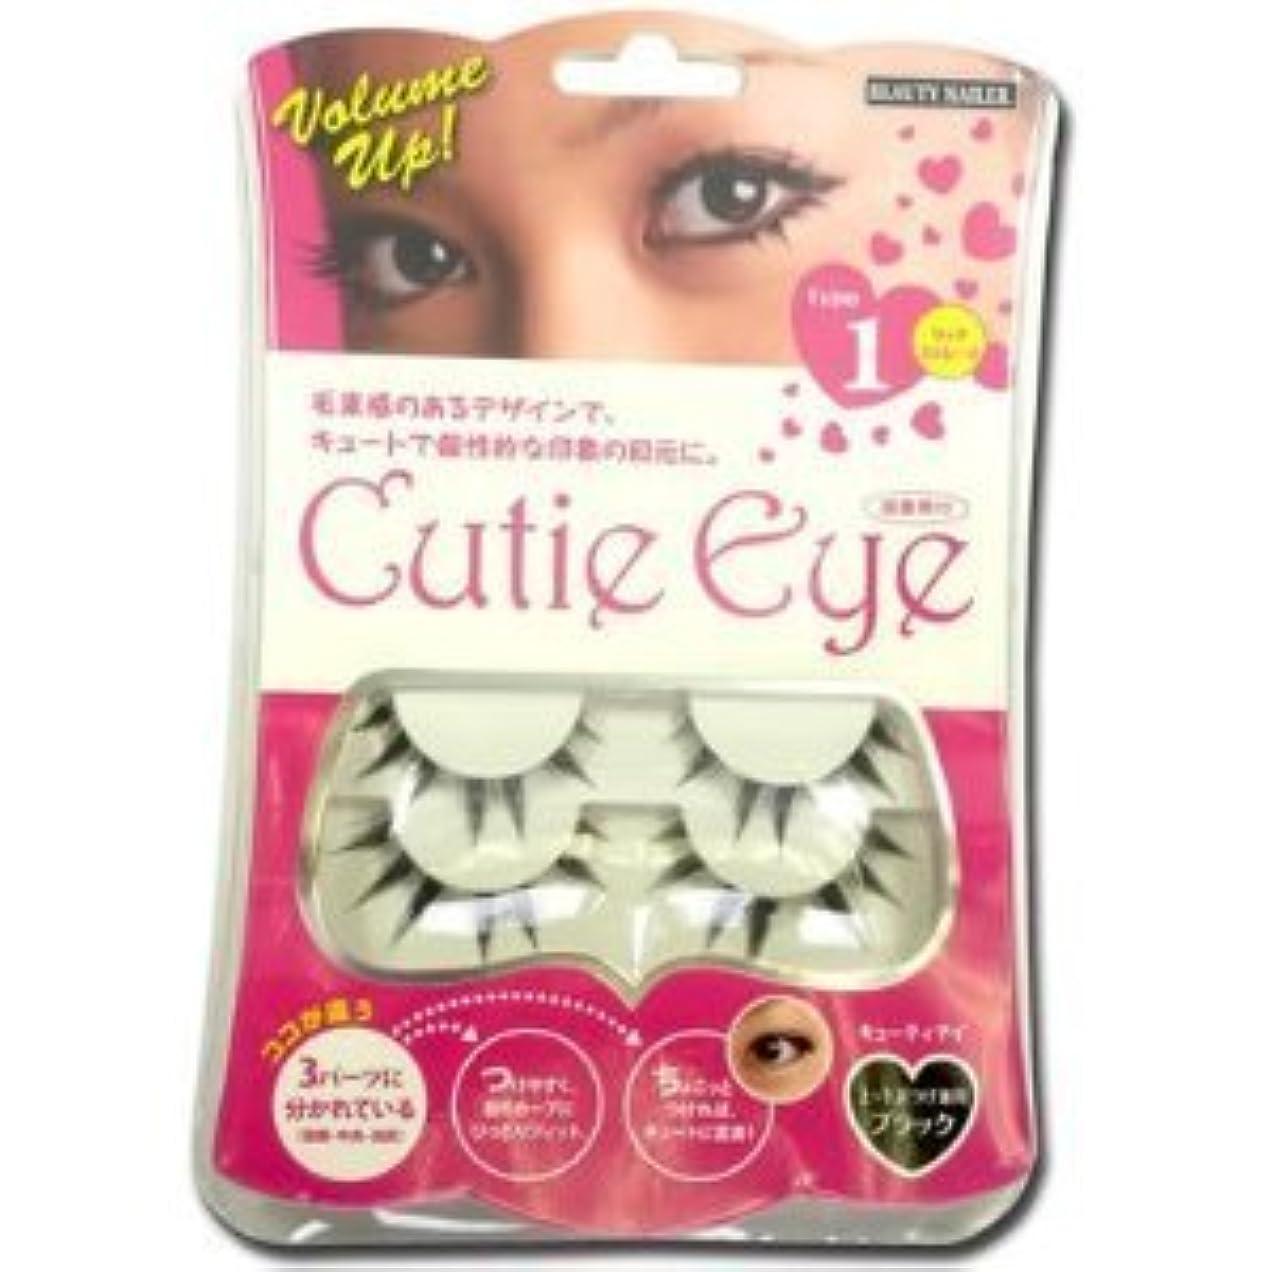 従うヒゲクジラ怖い【つけまつげ】 キューティアイ (Cutie Eye) CEY-1 リッチストレート